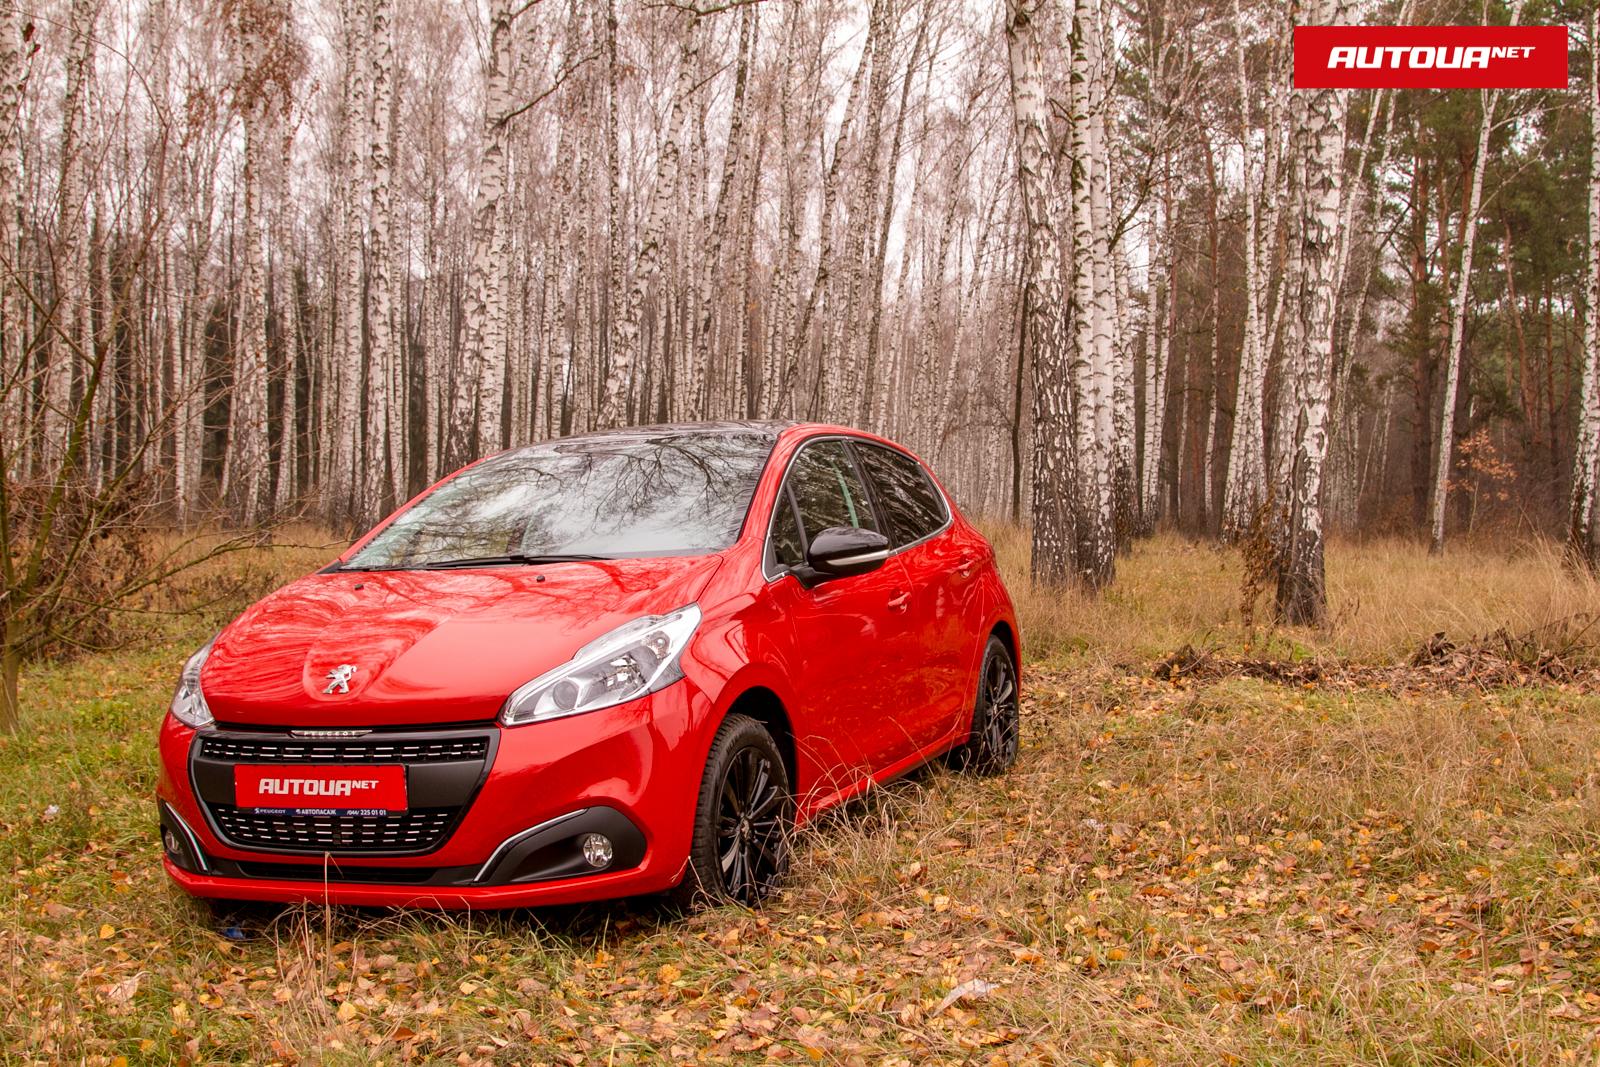 Тест-драйв Peugeot 208: Чем порадует обновленный малыш?